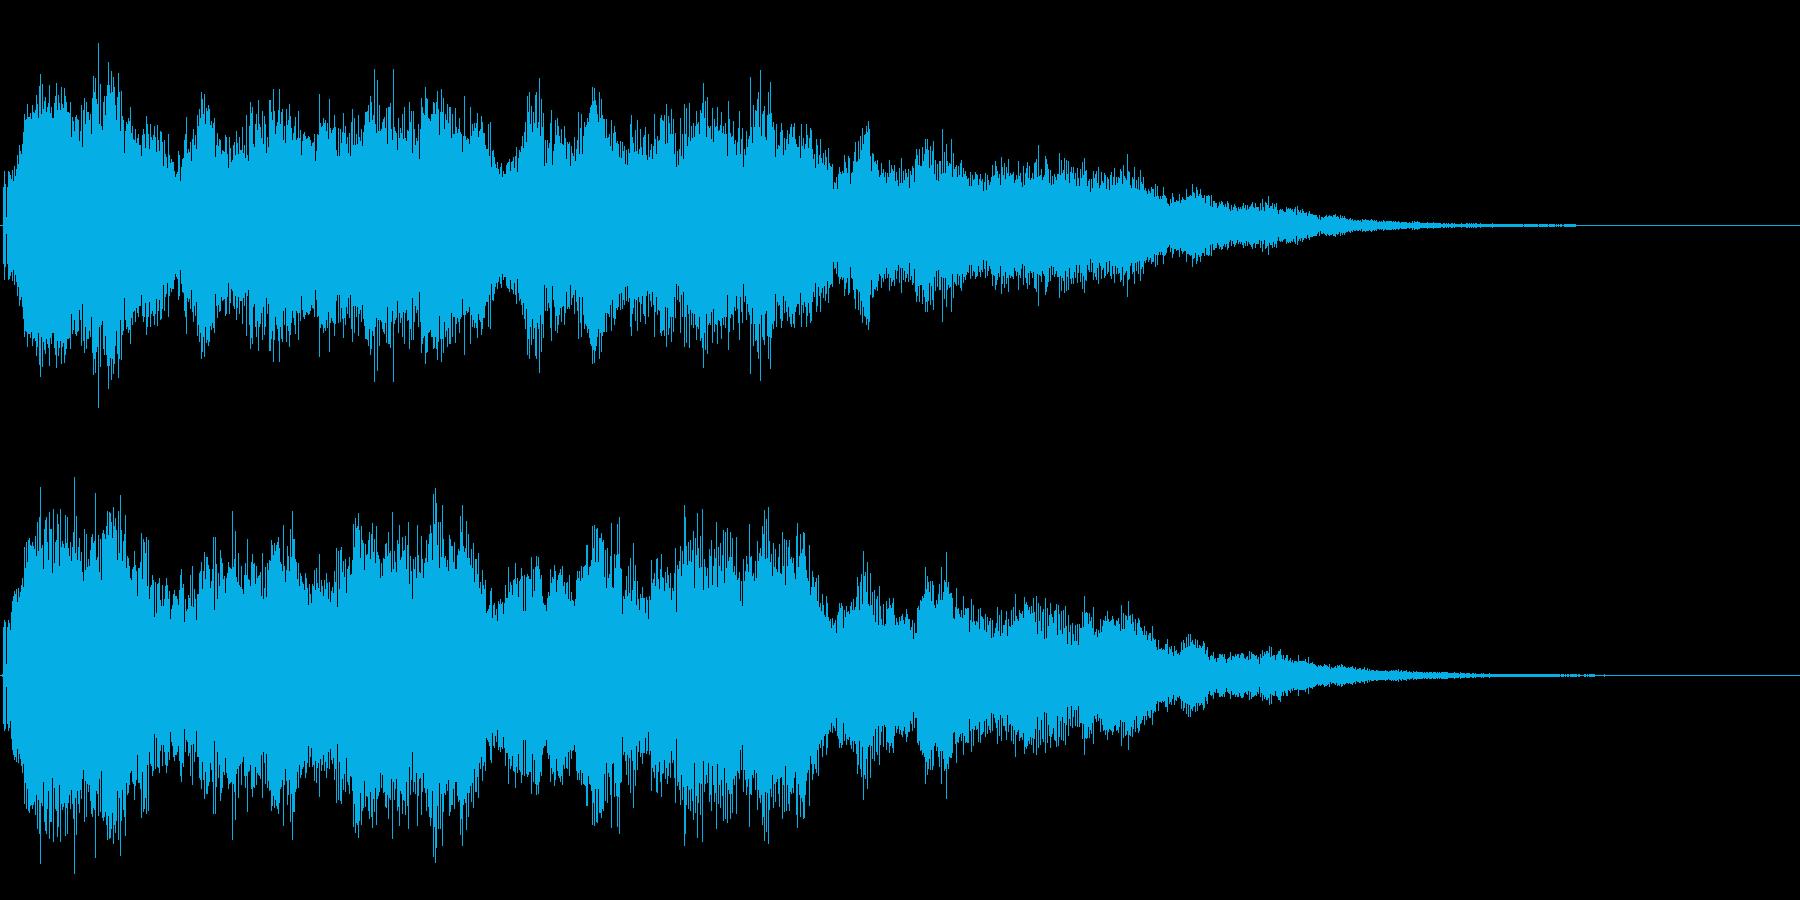 結婚式や教会の鐘の音として最適です!02の再生済みの波形